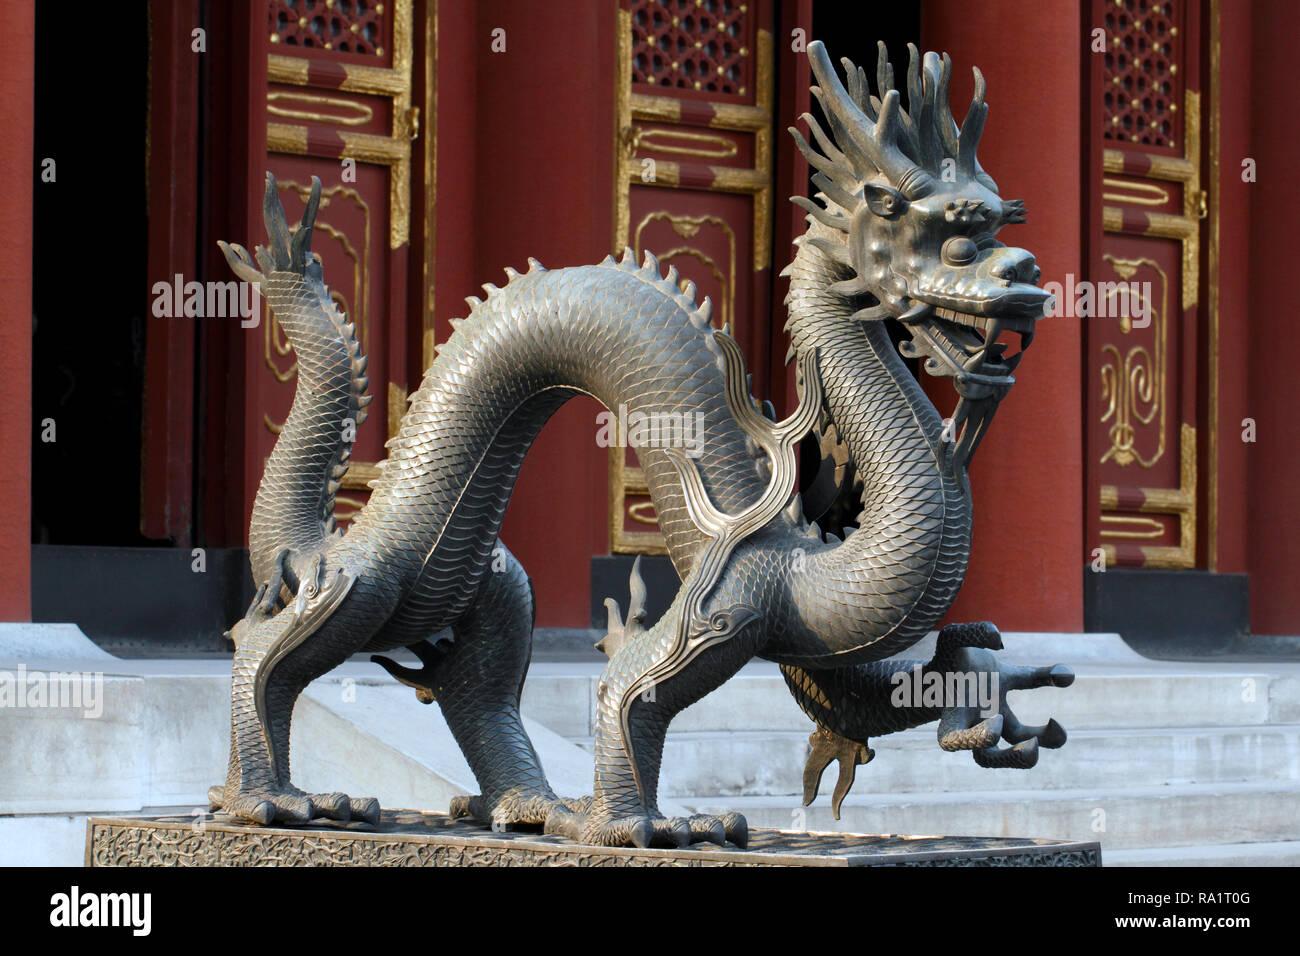 Drago di guardia statua, qilin statua, Palazzo Estivo, Pechino, Repubblica Popolare Cinese.Sala della benevolenza e della longevità. Foto Stock